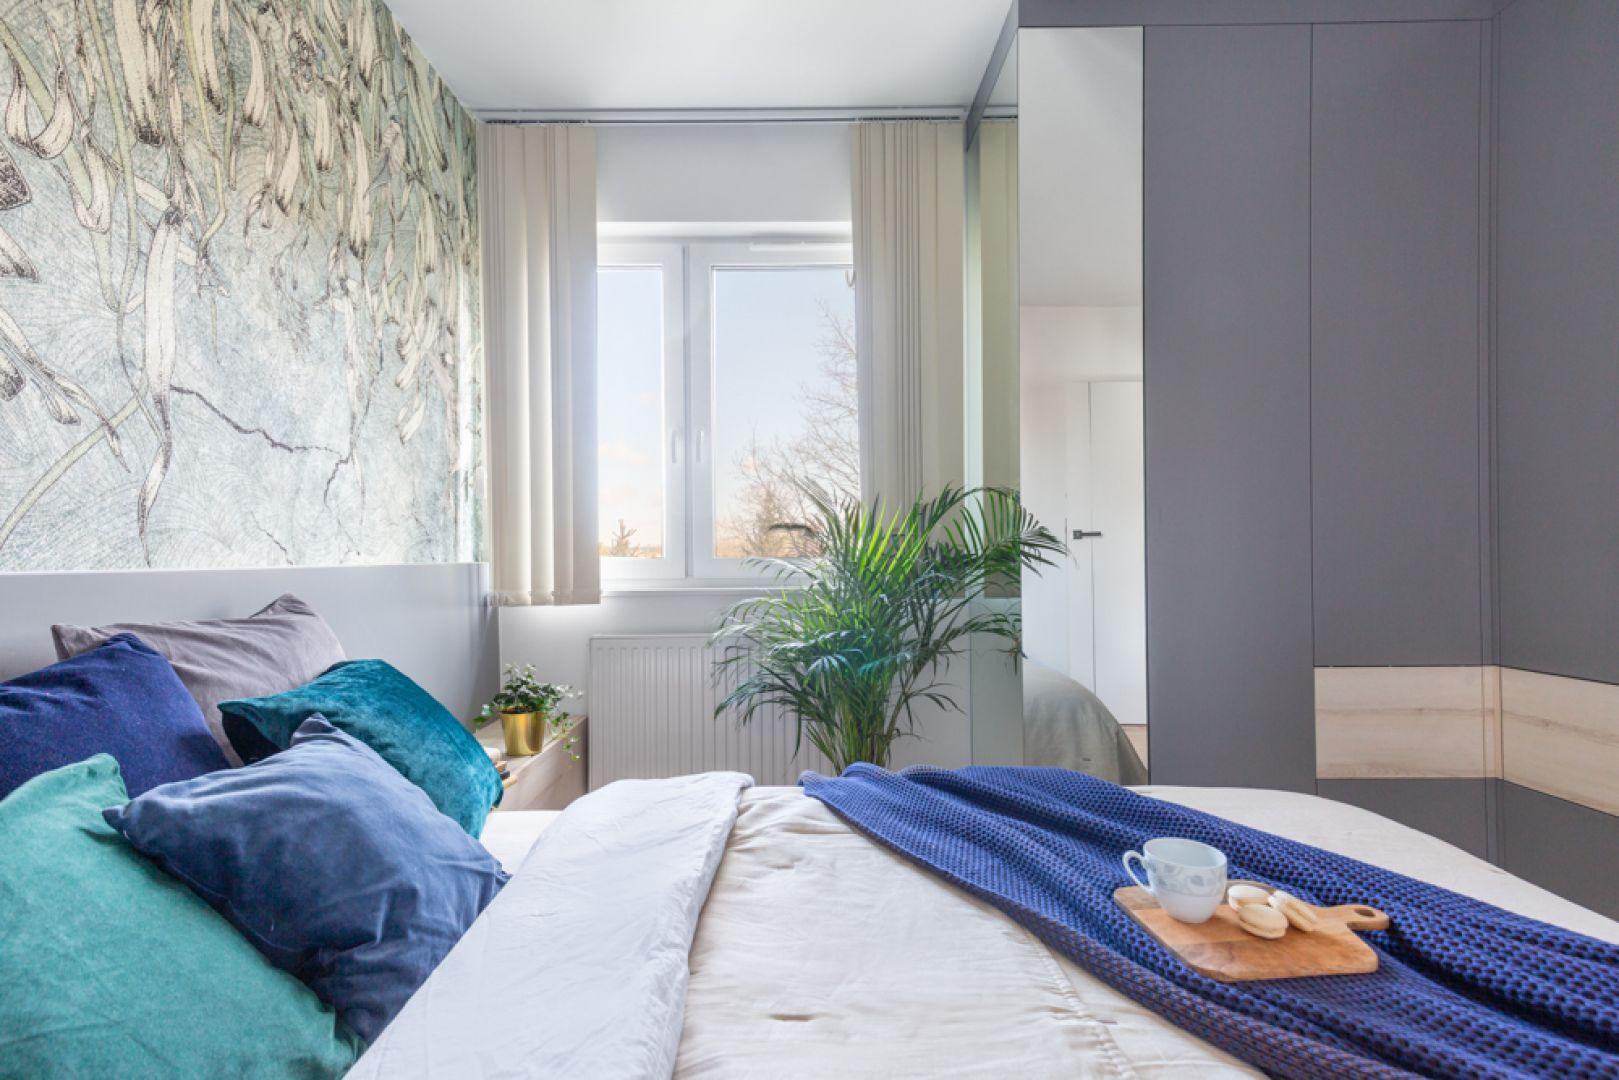 Szarości królują również w sypialni.Projekt: Joanna Rej. Realizacja: Gama Design. Fot. Pion Poziom